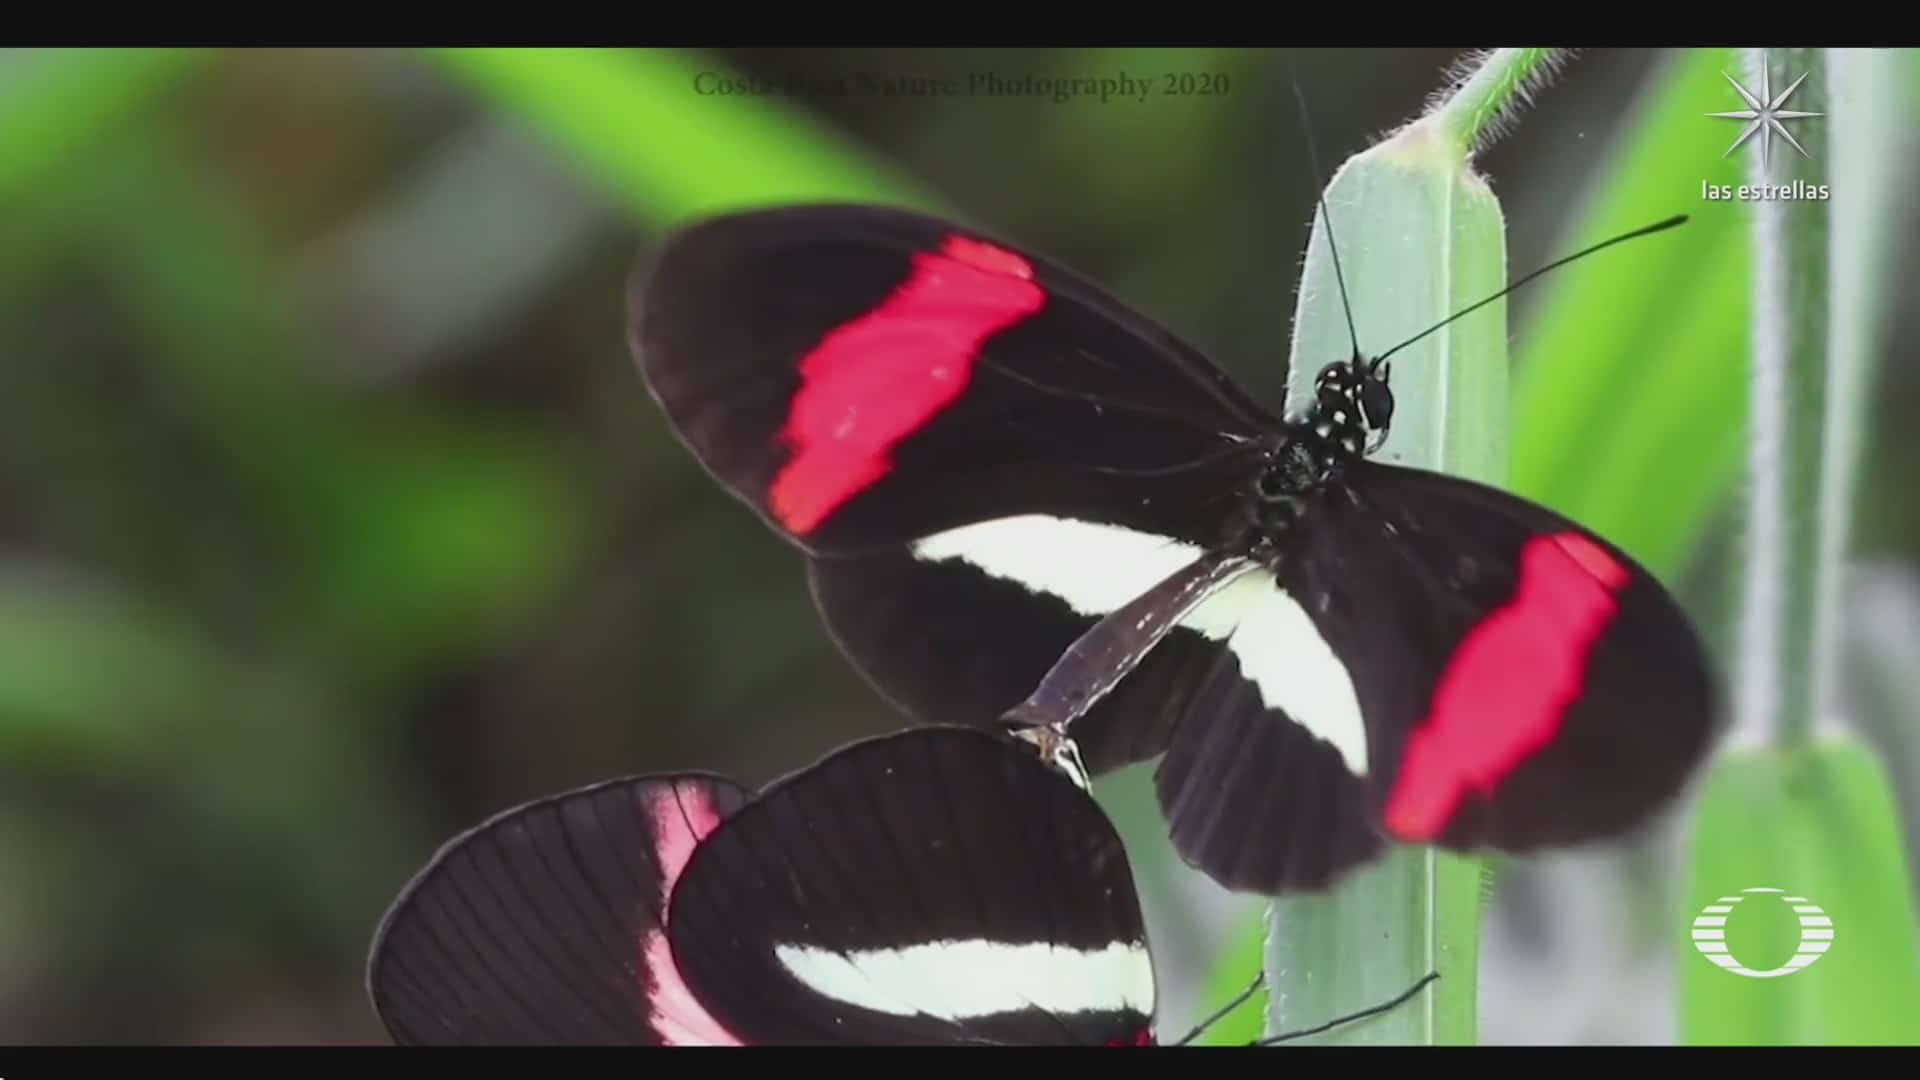 mariposas hembras pueden percibir mas colores del espectro ultravioleta que los machos